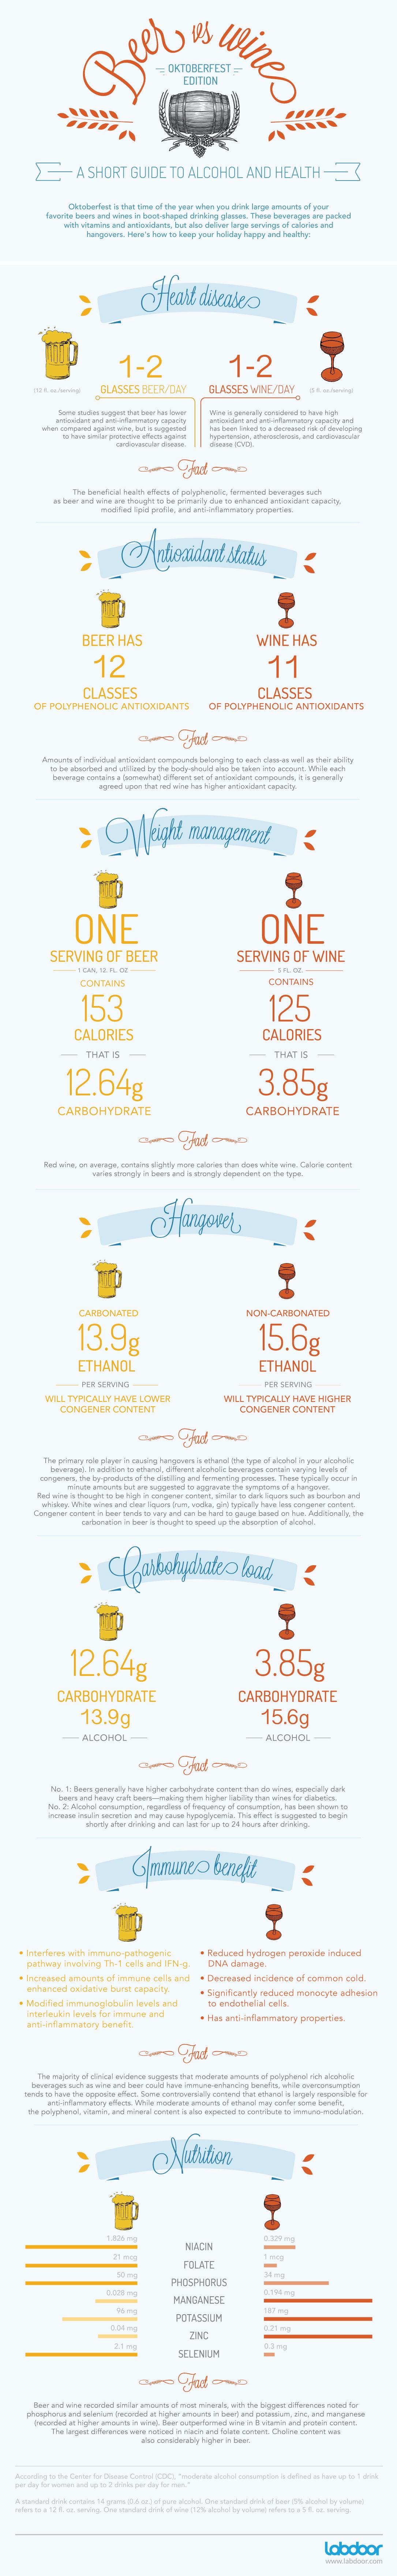 Beer vs. Wine chart